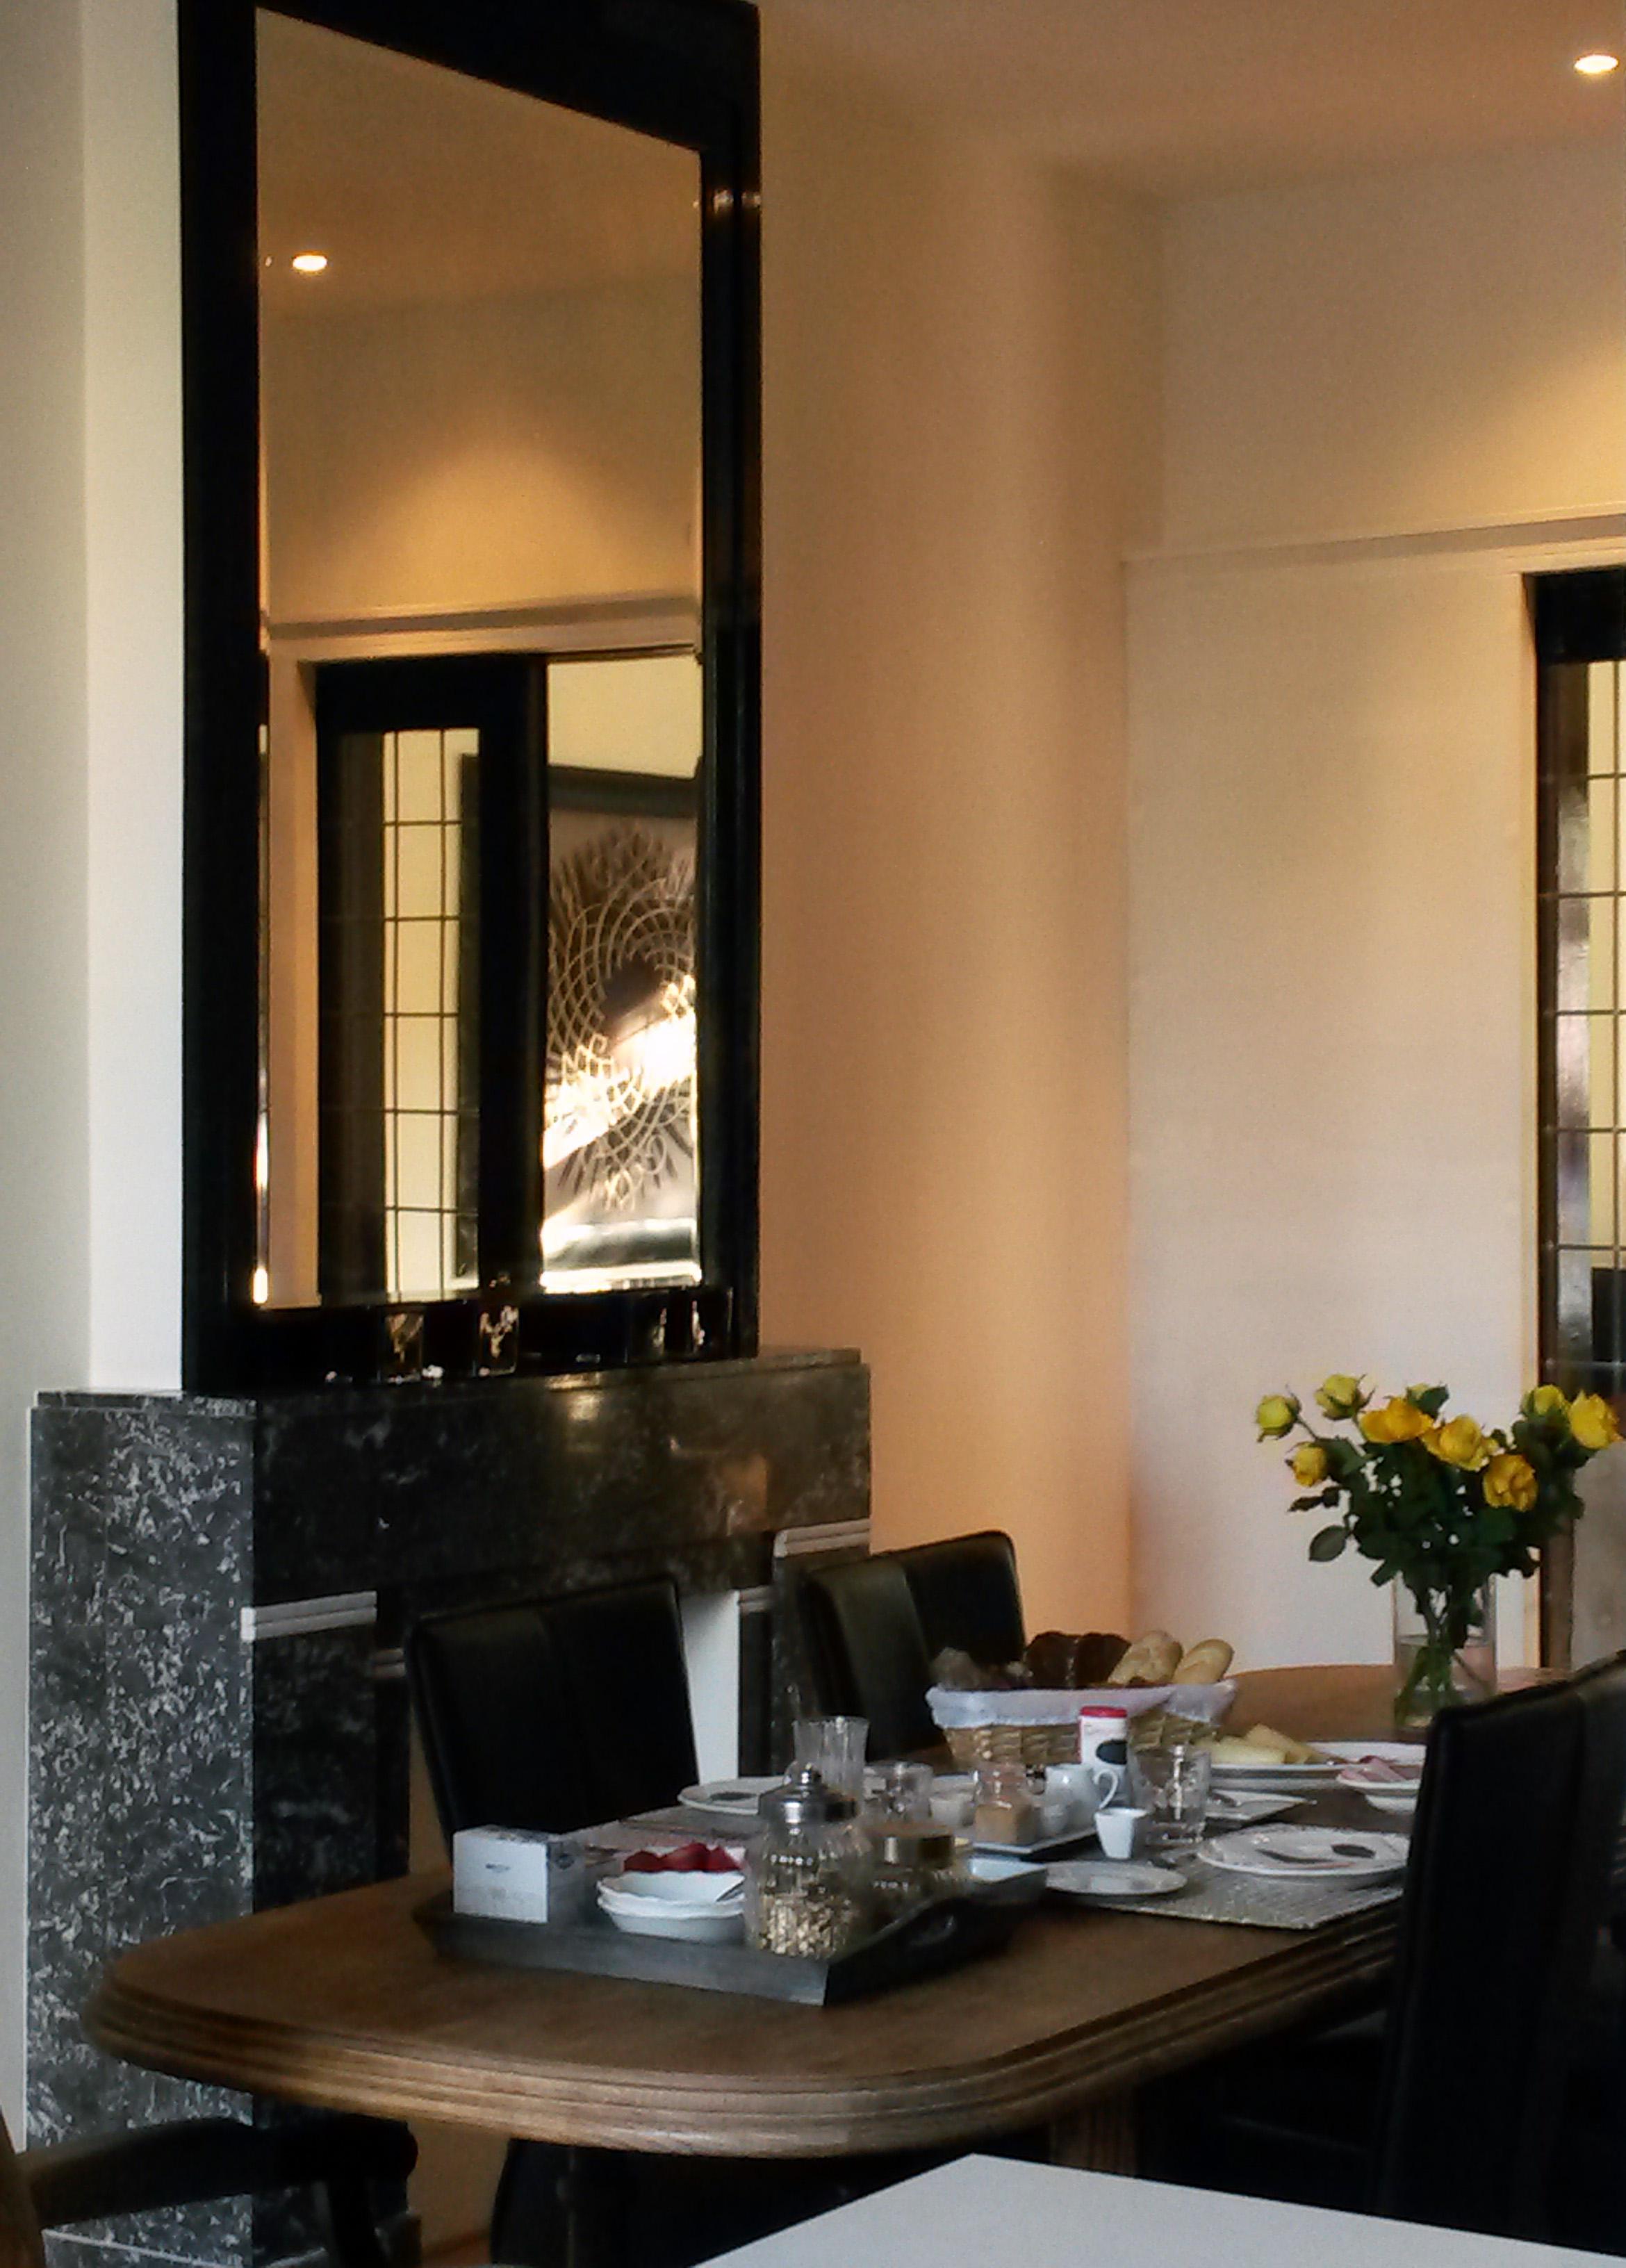 Wycker B&B diningroom